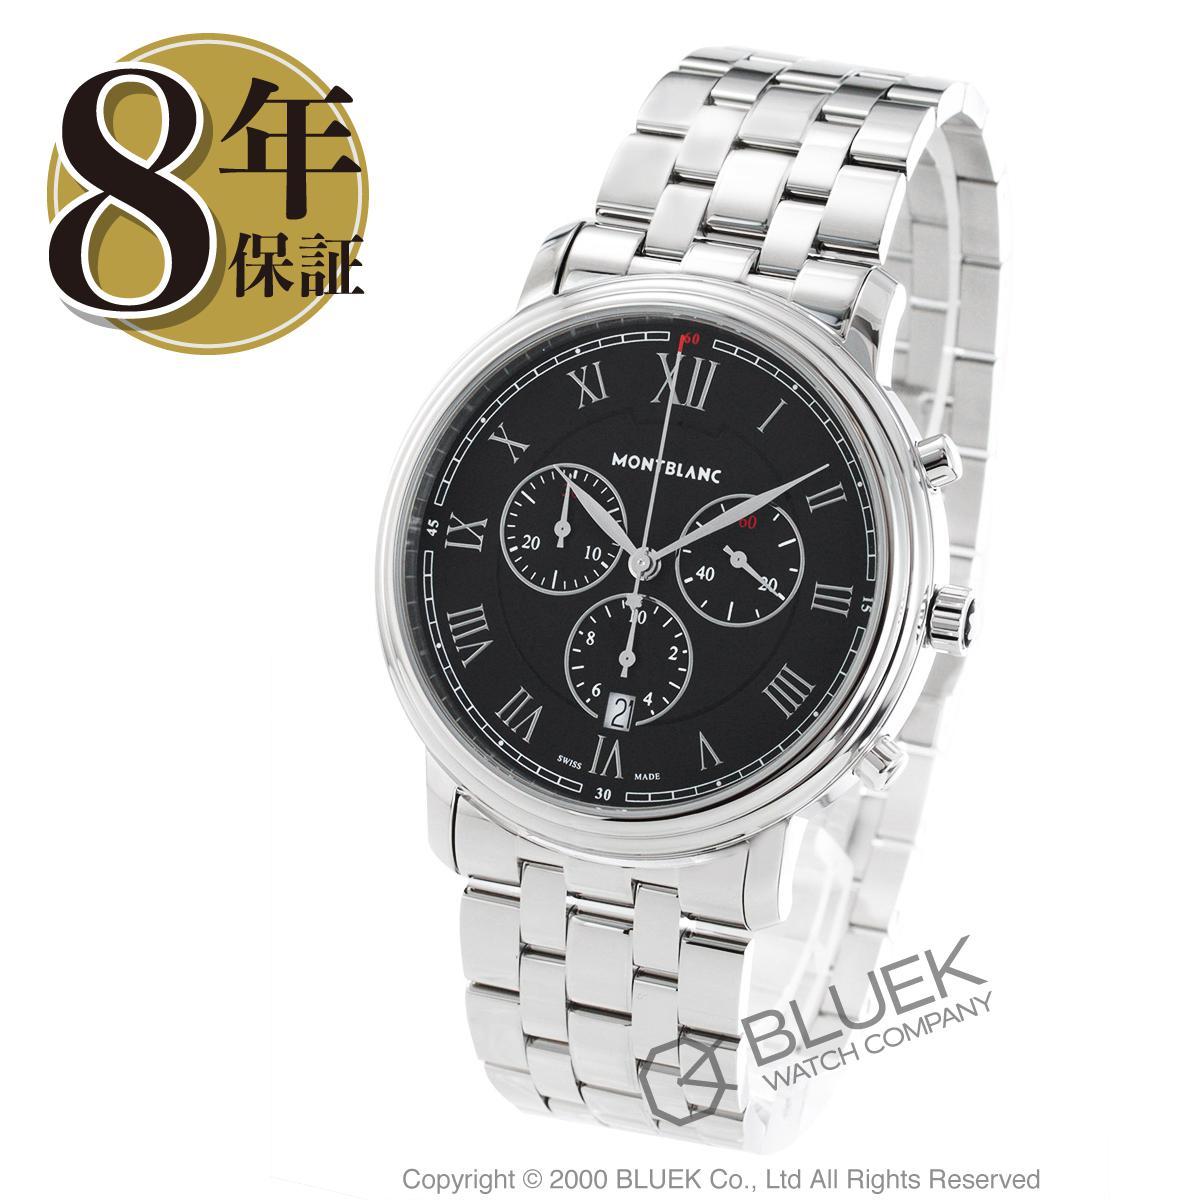 【3,000円OFFクーポン対象】モンブラン トラディション クロノグラフ 腕時計 メンズ MONTBLANC 117048_8